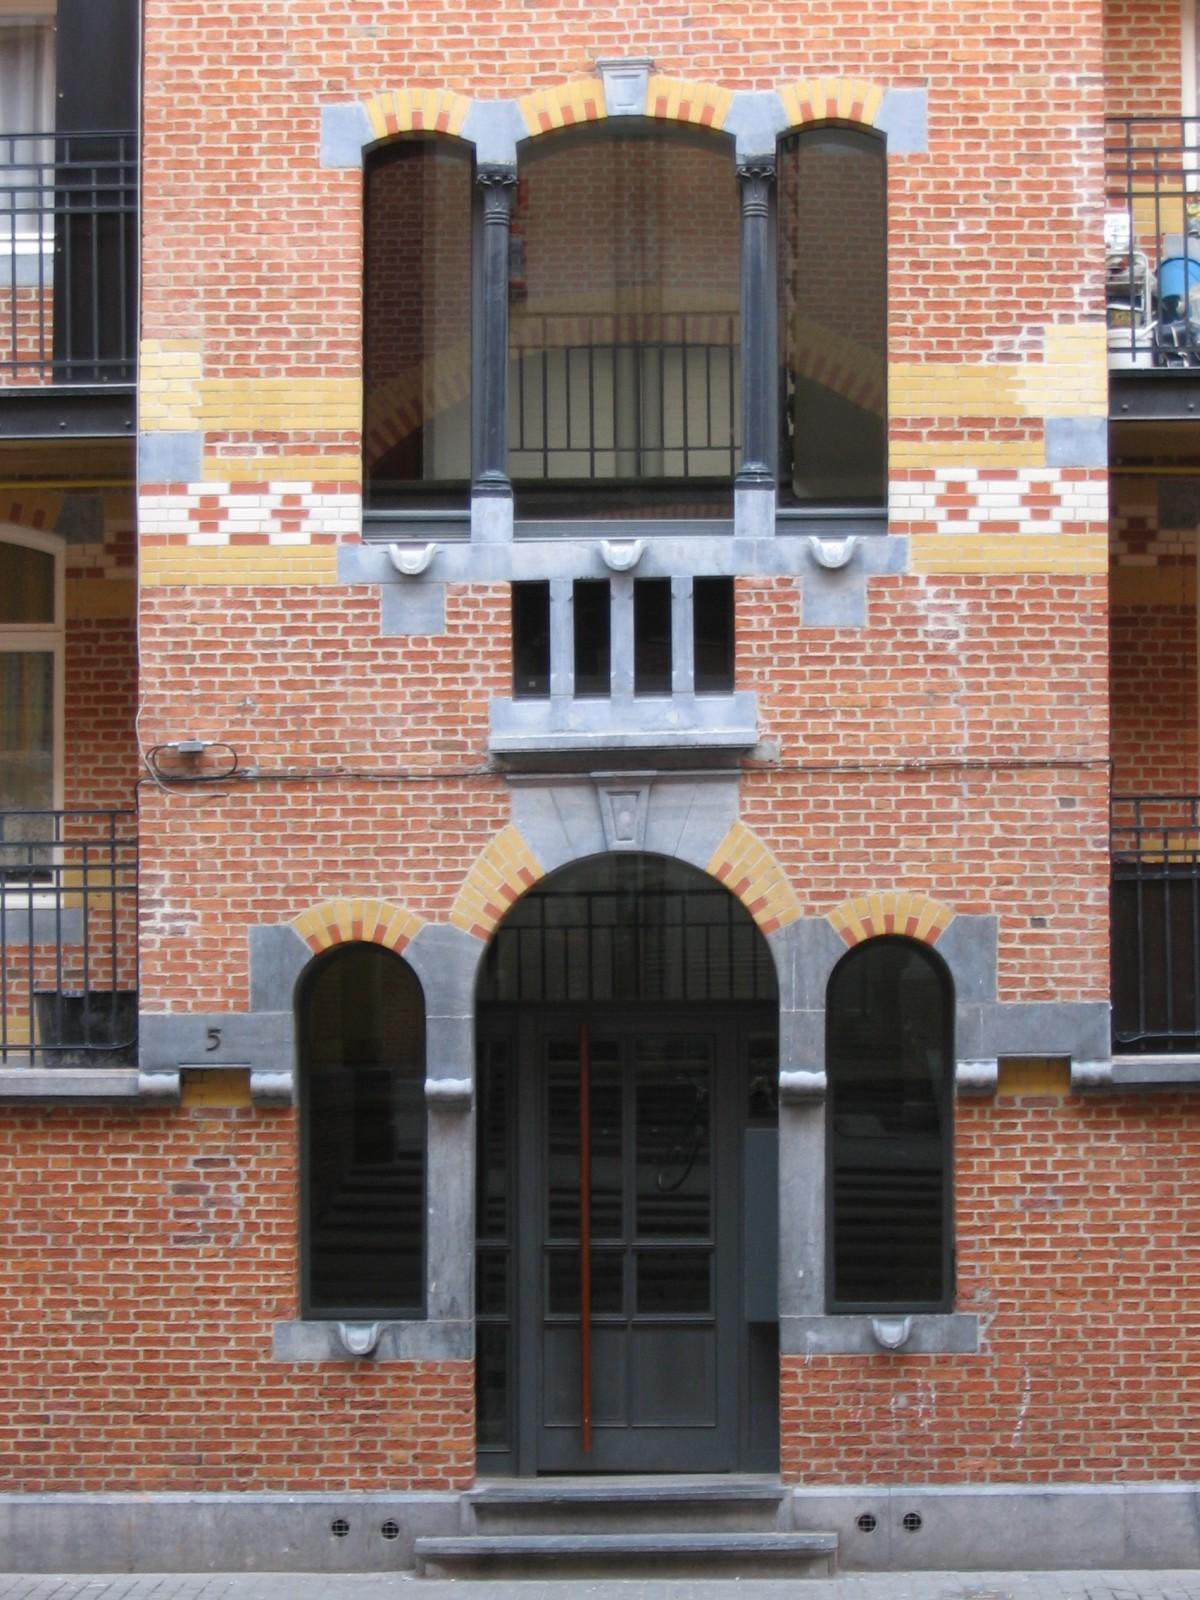 Deux triplets, Cité Hellemans, rue des Orfèvres, Bruxelles, 1906, architecte E. Hellemans., 2005